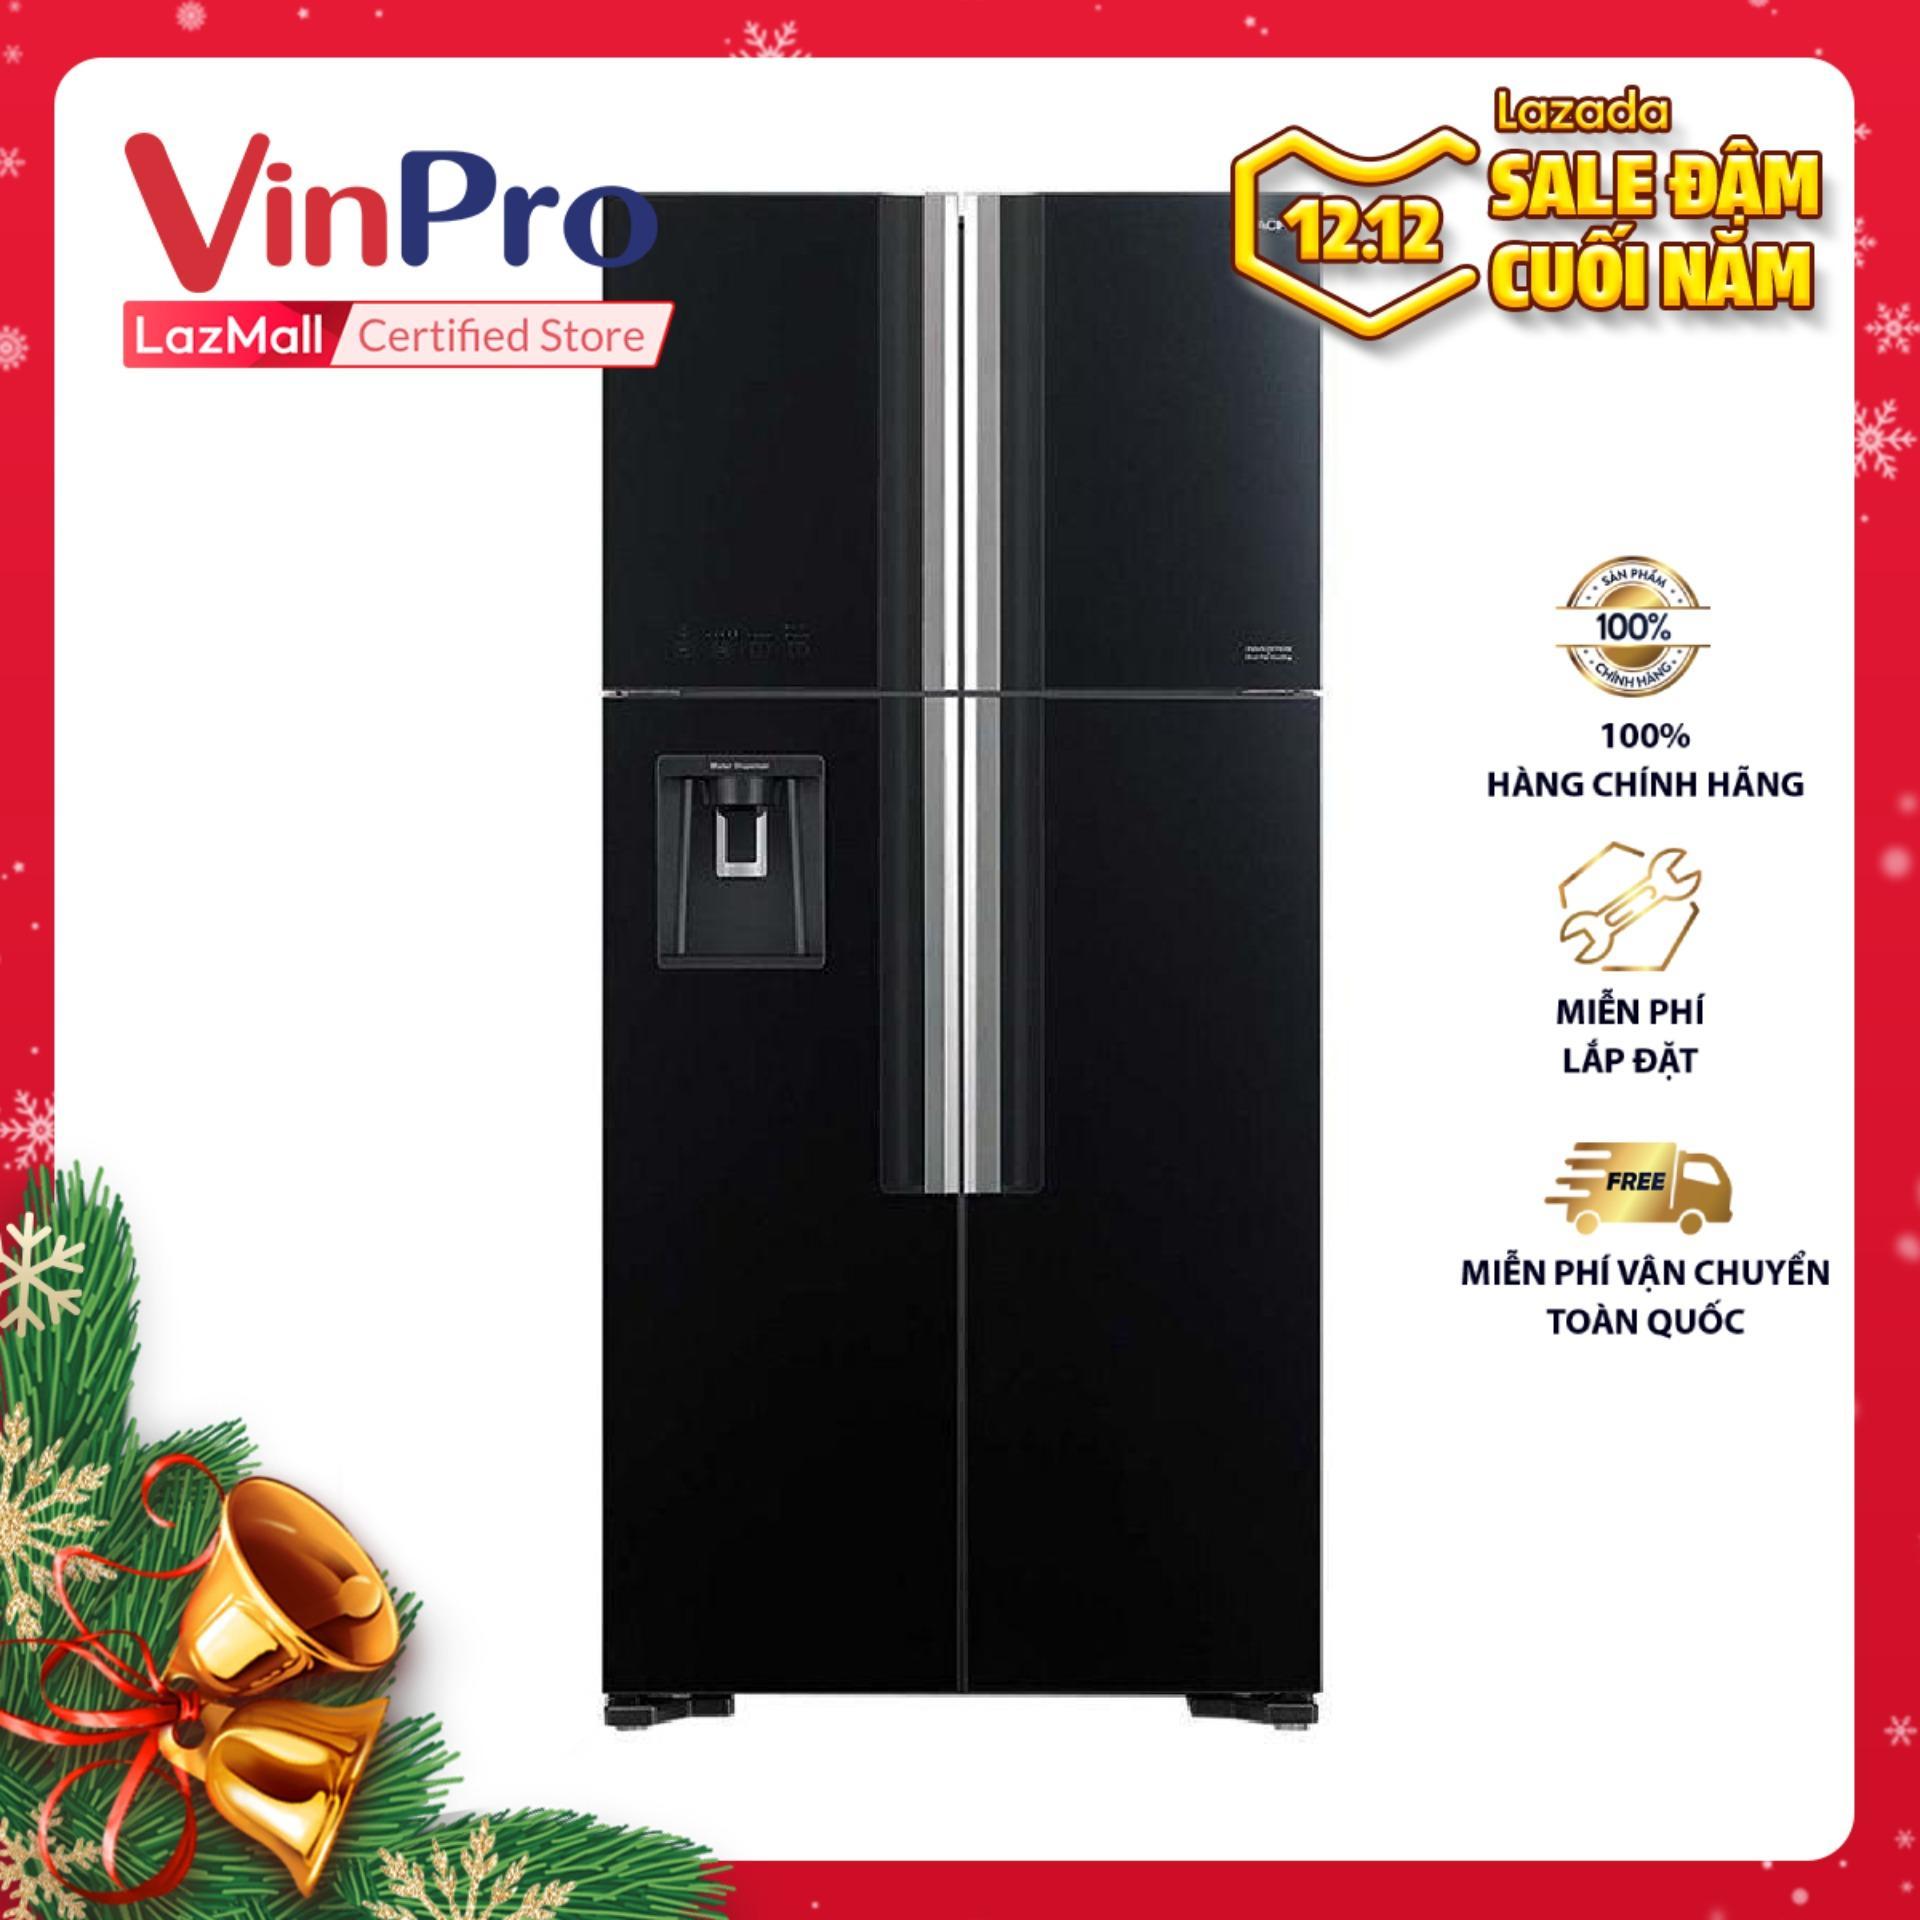 Tủ lạnh Inverter Hitachi R-FW690PGV7X (GBK), 540L (Đen) - Hàng chính hãng